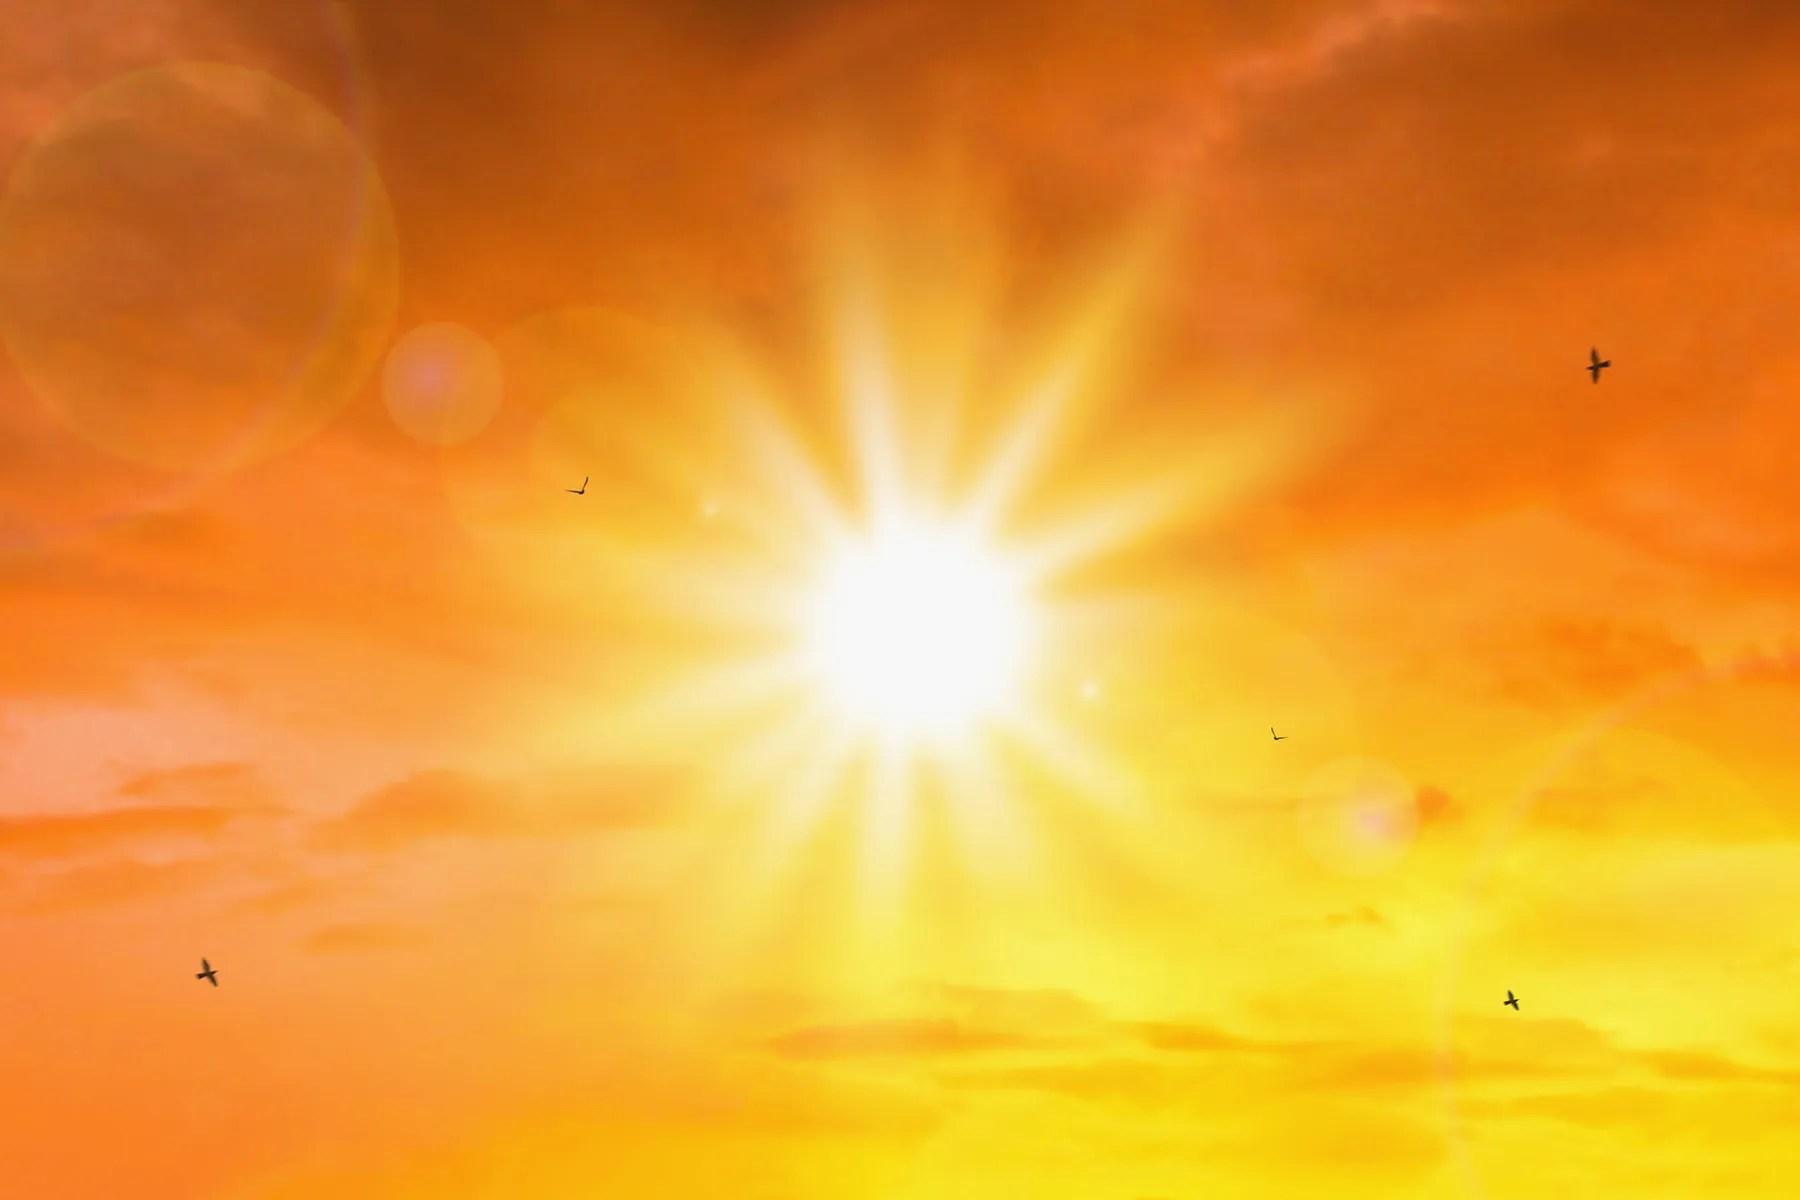 في مواجهة الحرارة القاتلة ، تستخدم ERs أكياس الجسم لإنقاذ الأرواح